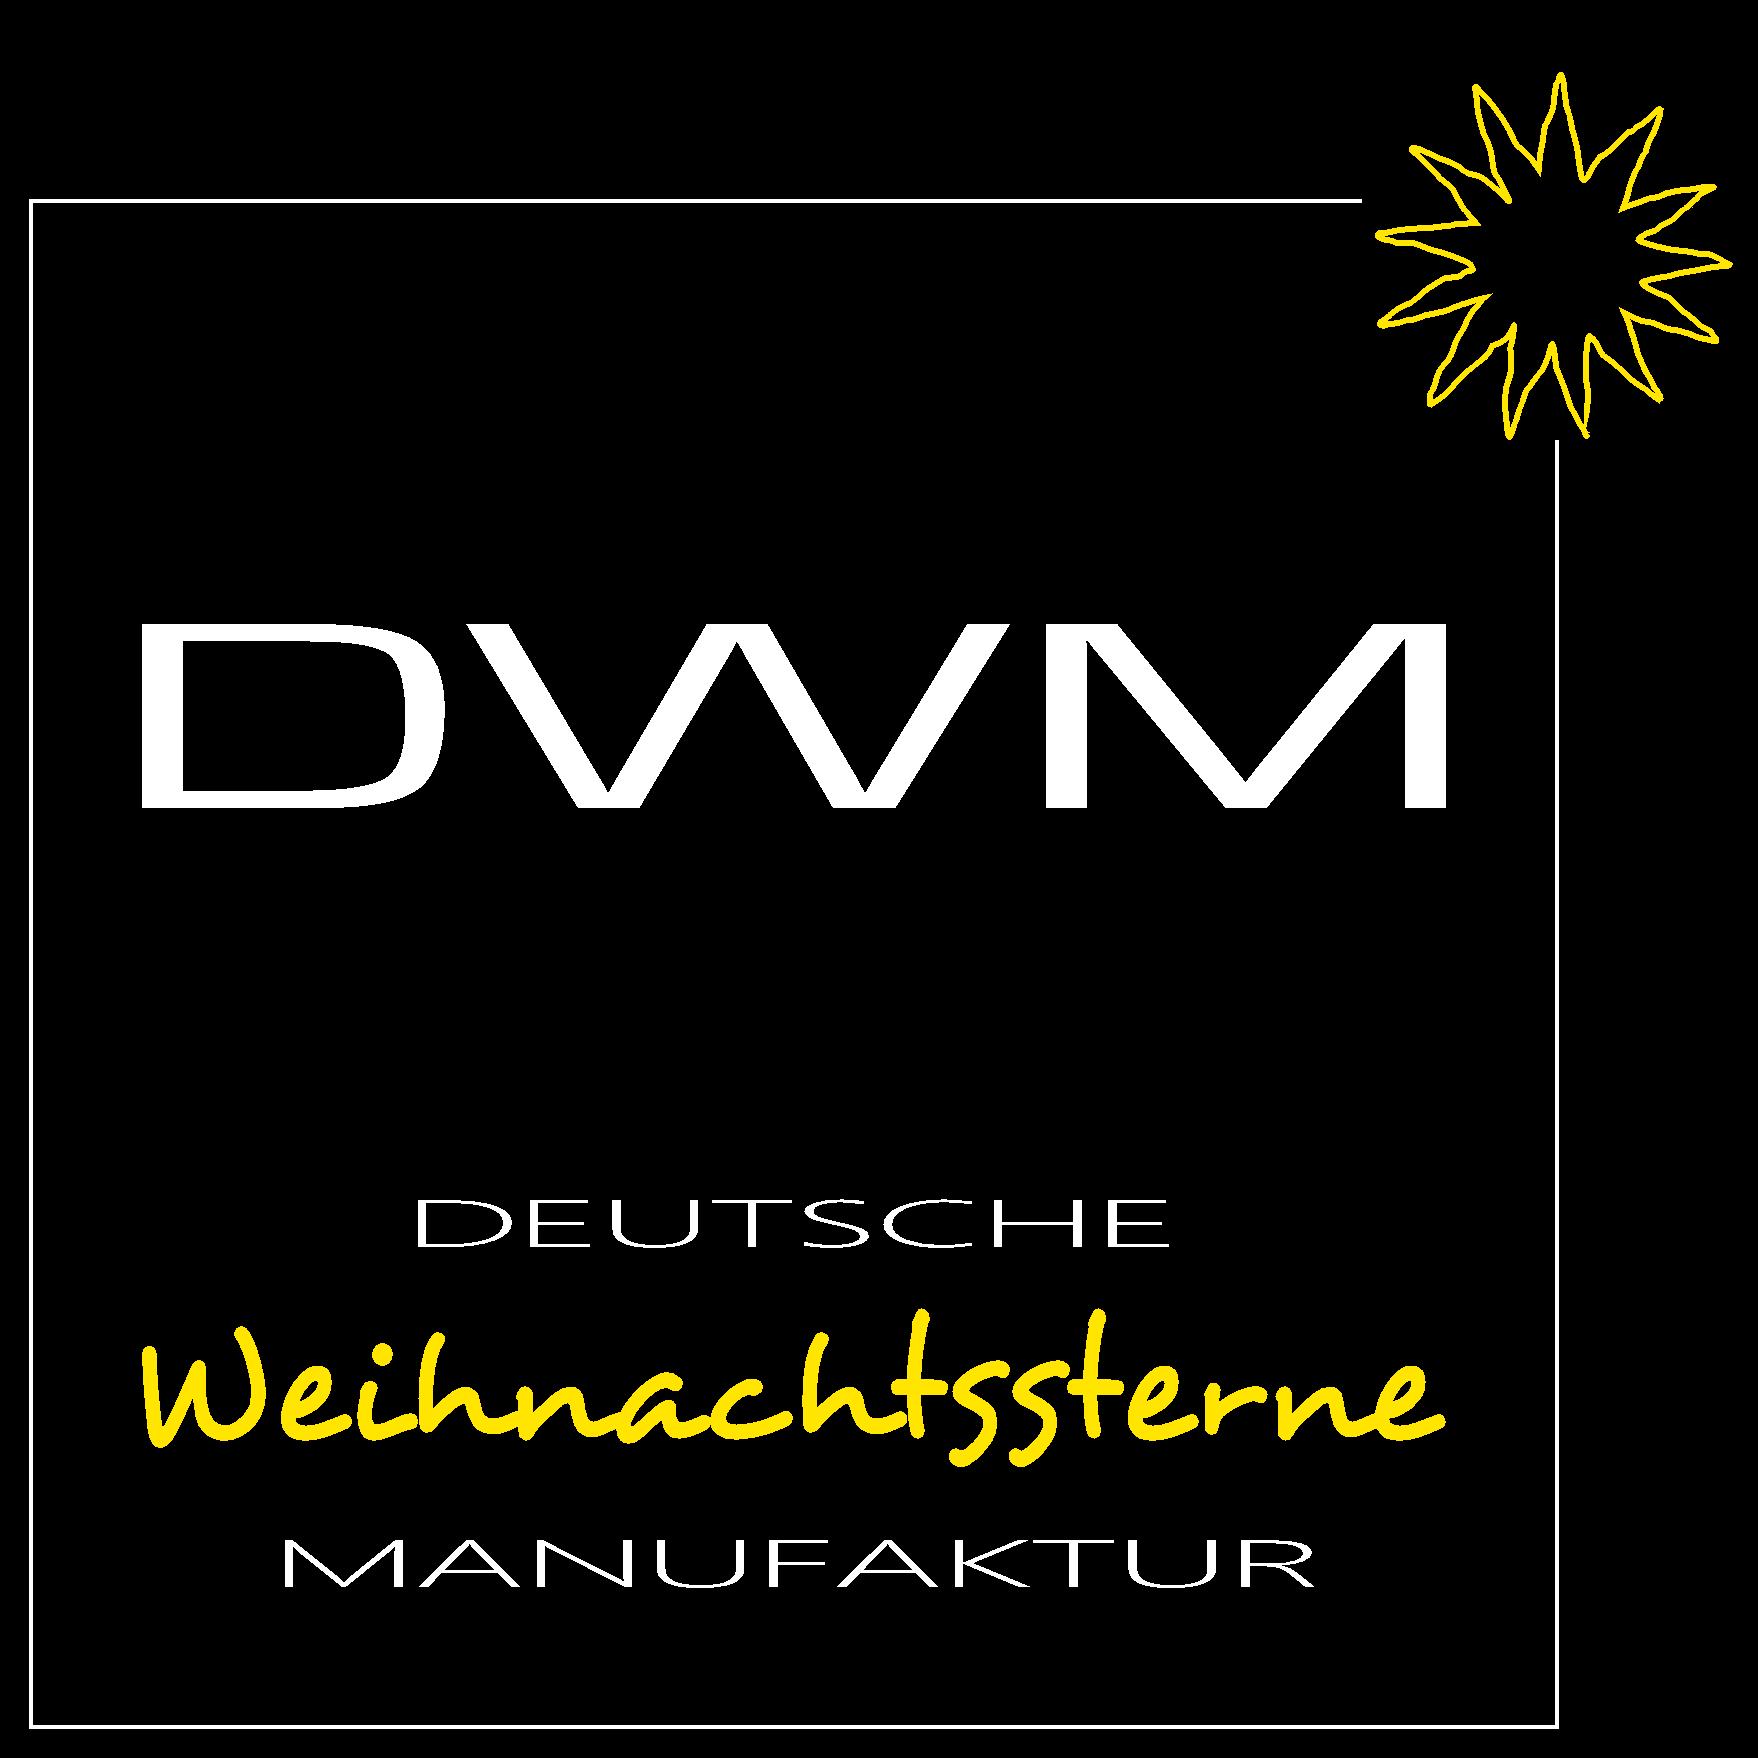 DWM - Deutsche Weihnachtssterne Manufaktur